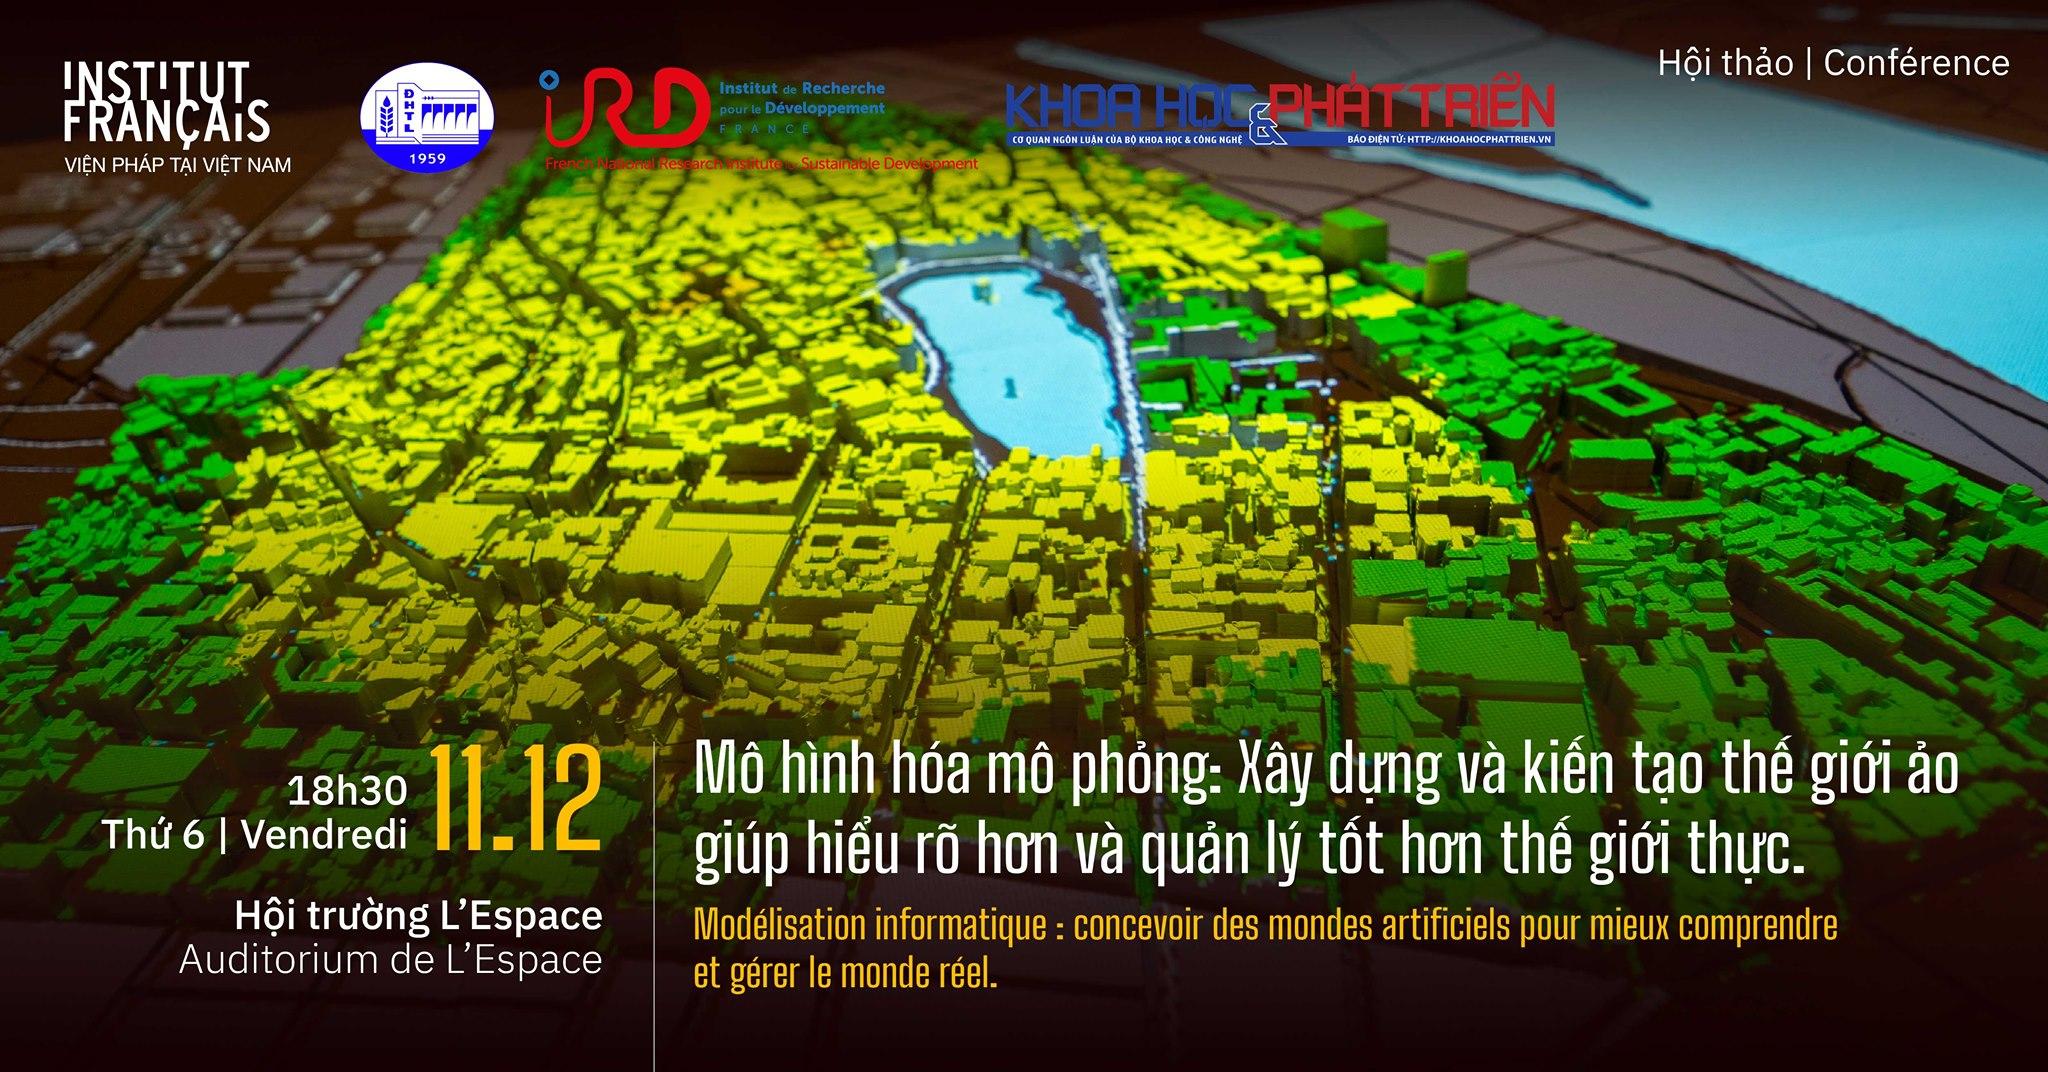 Hội thảo Mô hình hóa mô phỏng ngày 11/12 | Nguồn: L'Espace